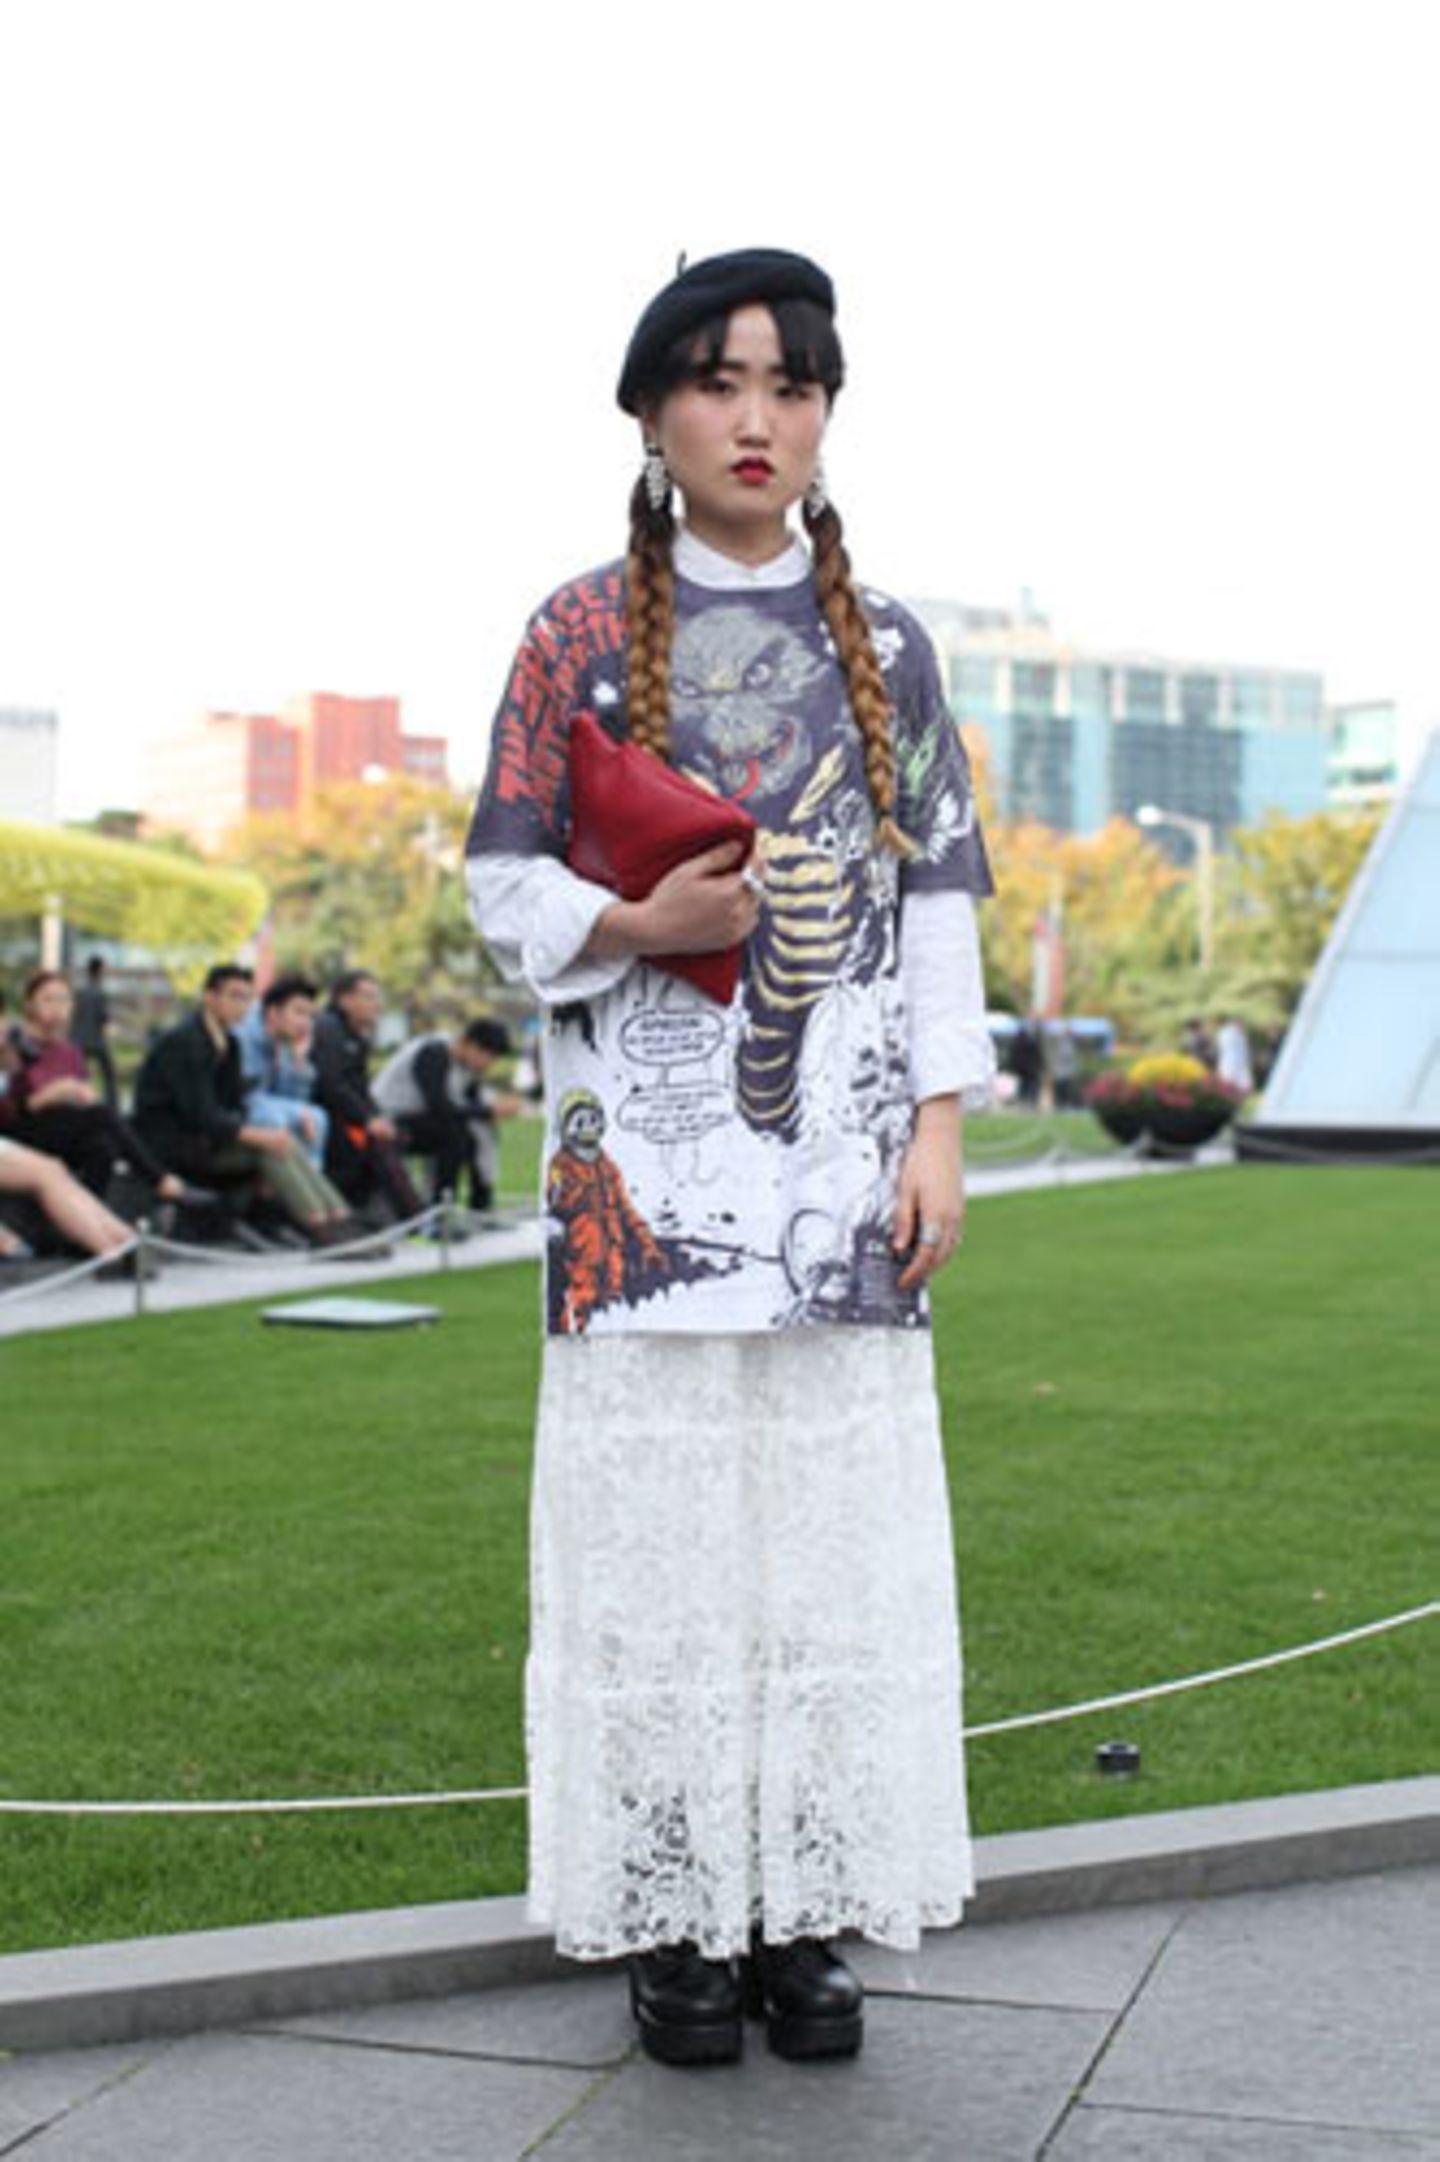 Oben Fantasy-Figur, unten Braut: Neckdi lotet mit ihrem Minute-Mirth-Shirt und dem weißen Spitzenkleid aus, wie weit ein Stilbruch gehen kann. Die Tasche ist von Eco Party.